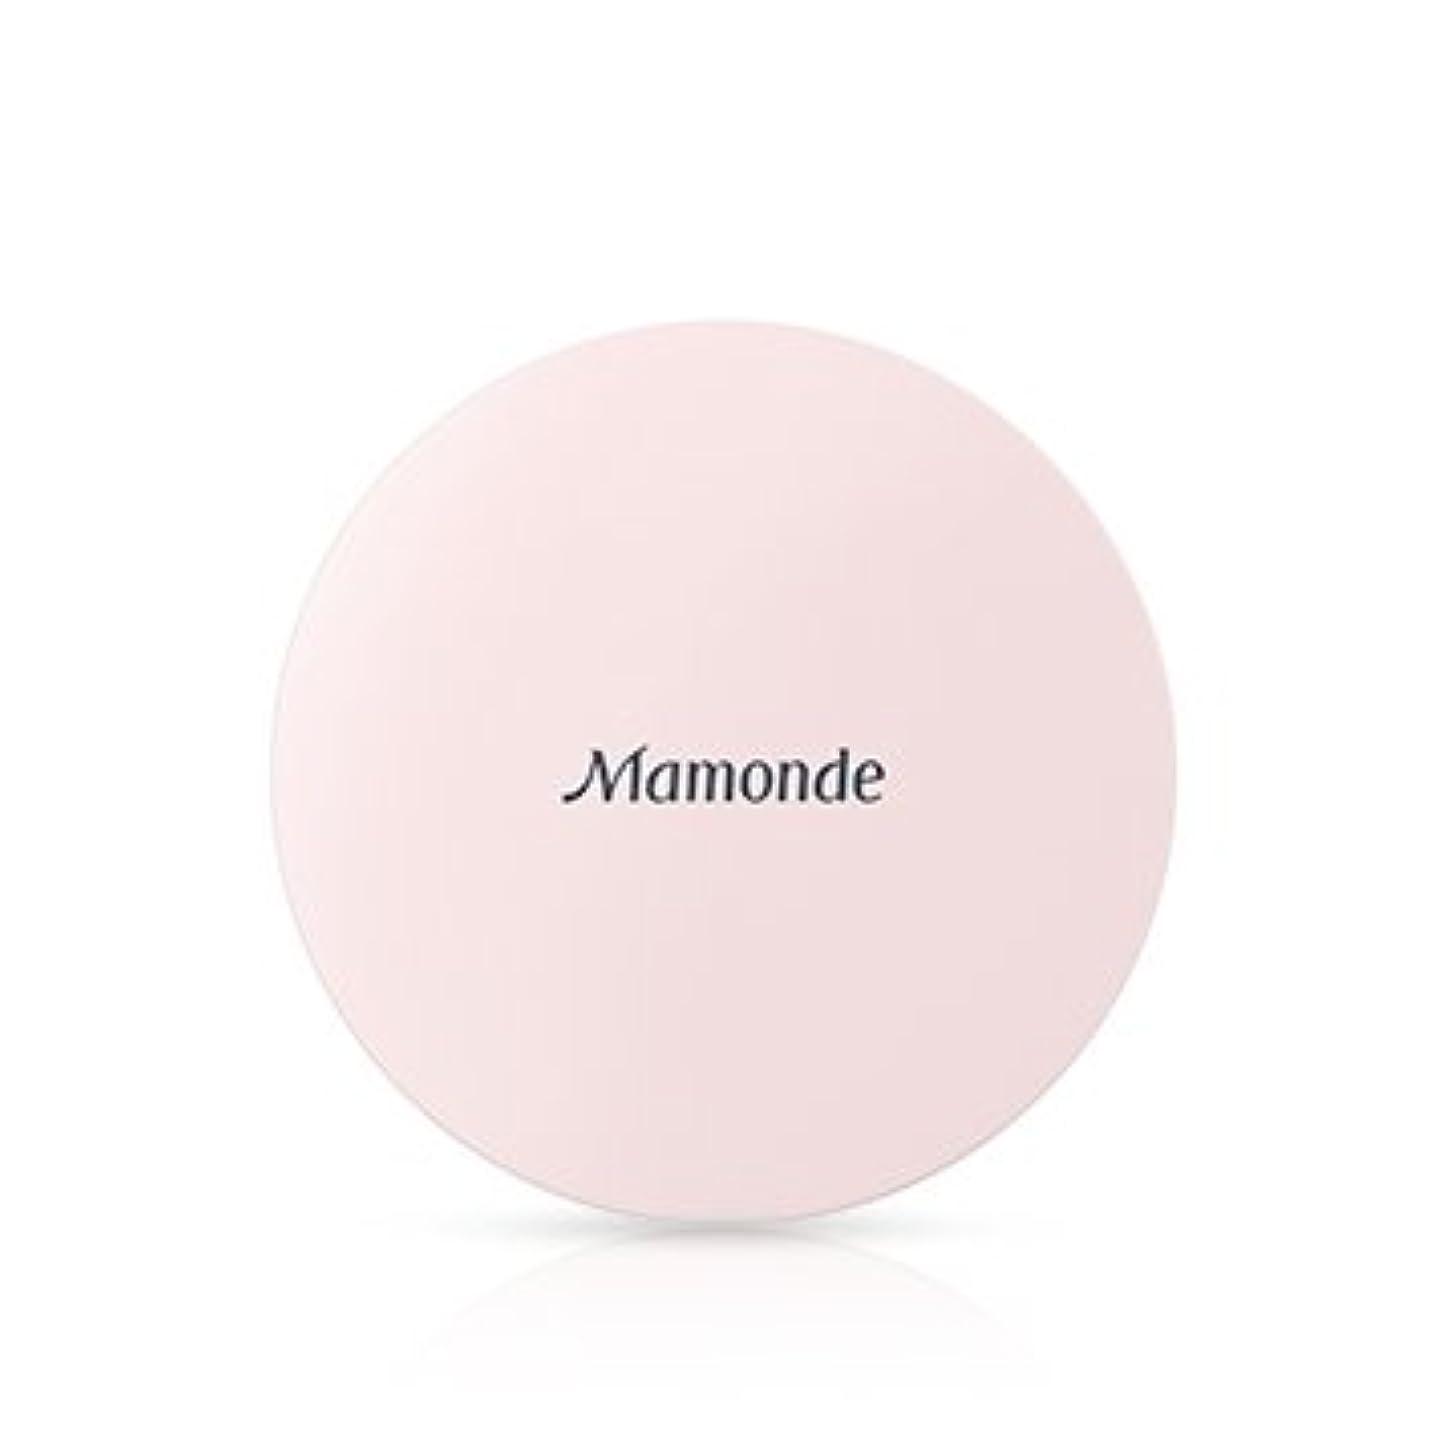 とてもブラスト有名[New] Mamonde High Cover Liquid Cushion 15g/マモンド ハイ カバー リキッド クッション 15g (#21 Cover Peach) [並行輸入品]